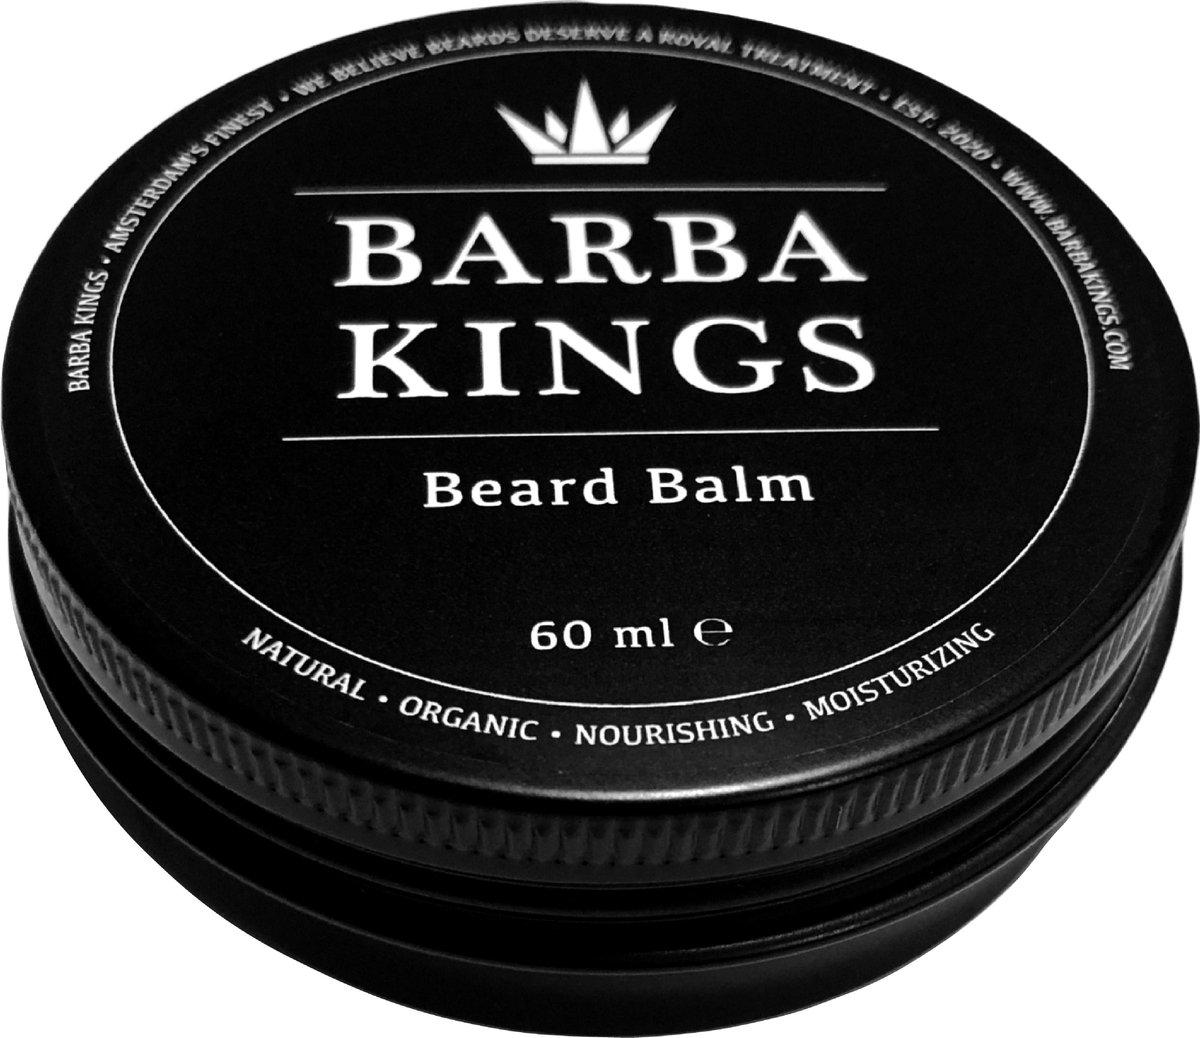 Barba Kings Beard Balm - 60 ml